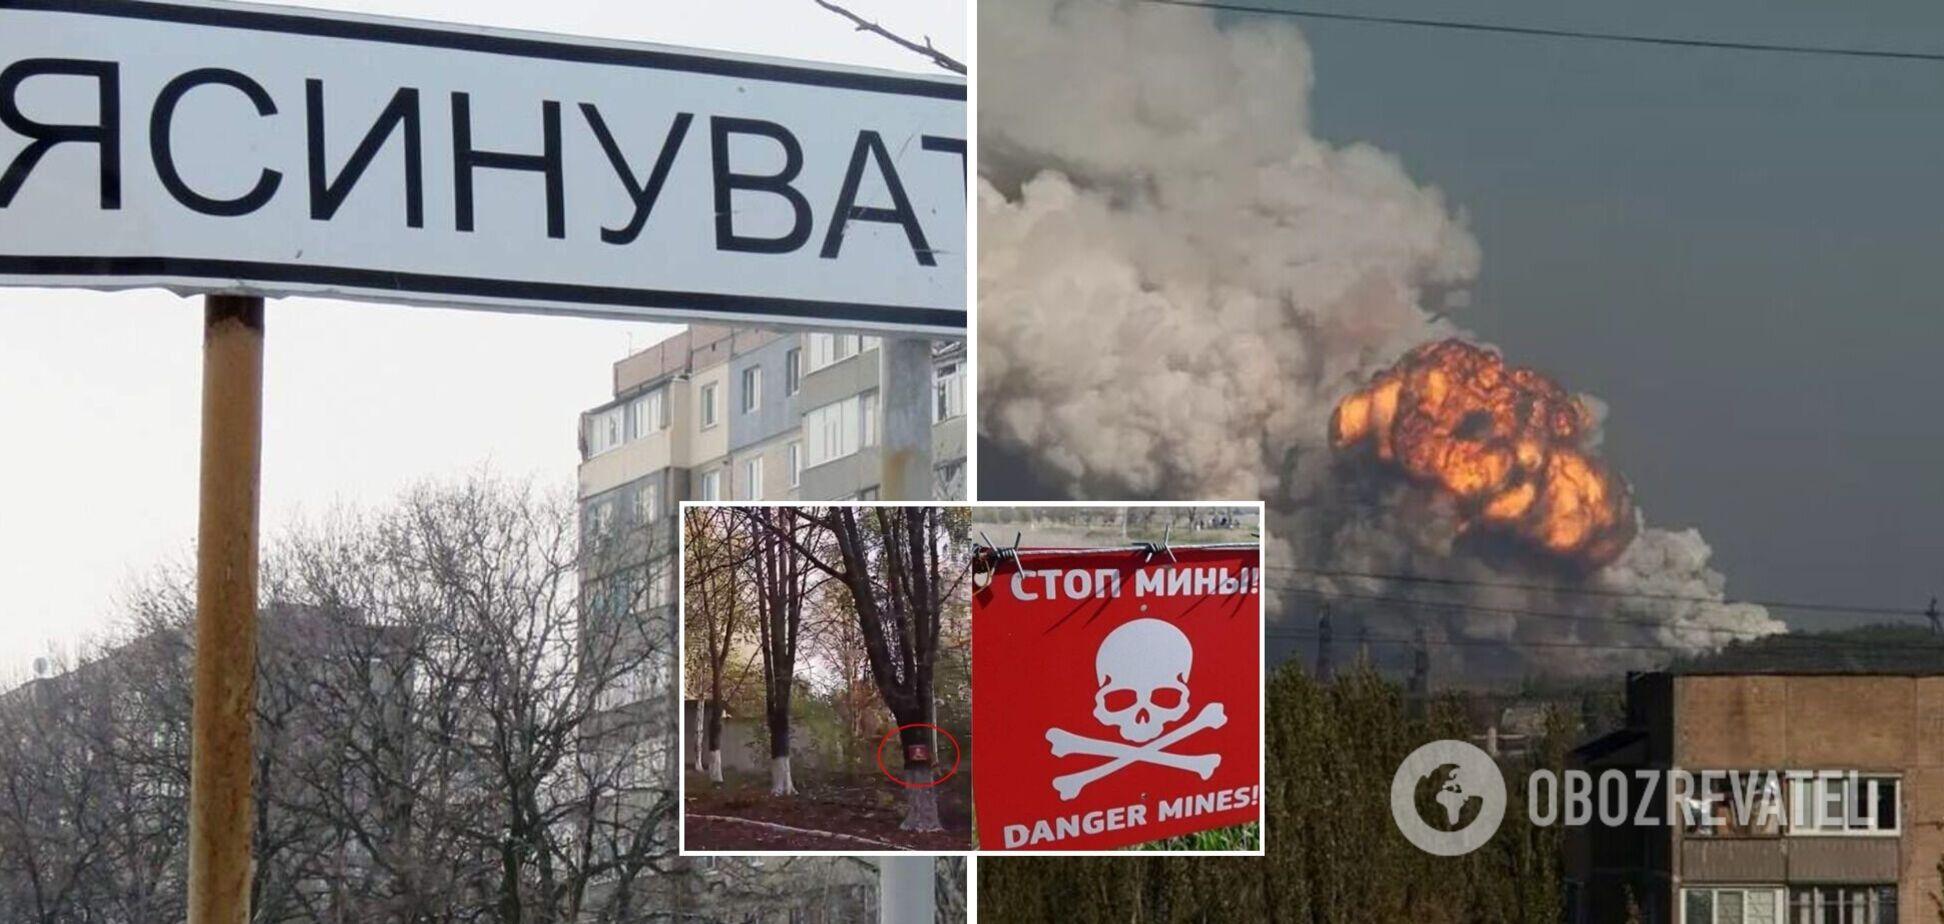 На Донбасі здетонував склад боєприпасів: окупанти звинуватили ЗСУ в диверсії. Фото